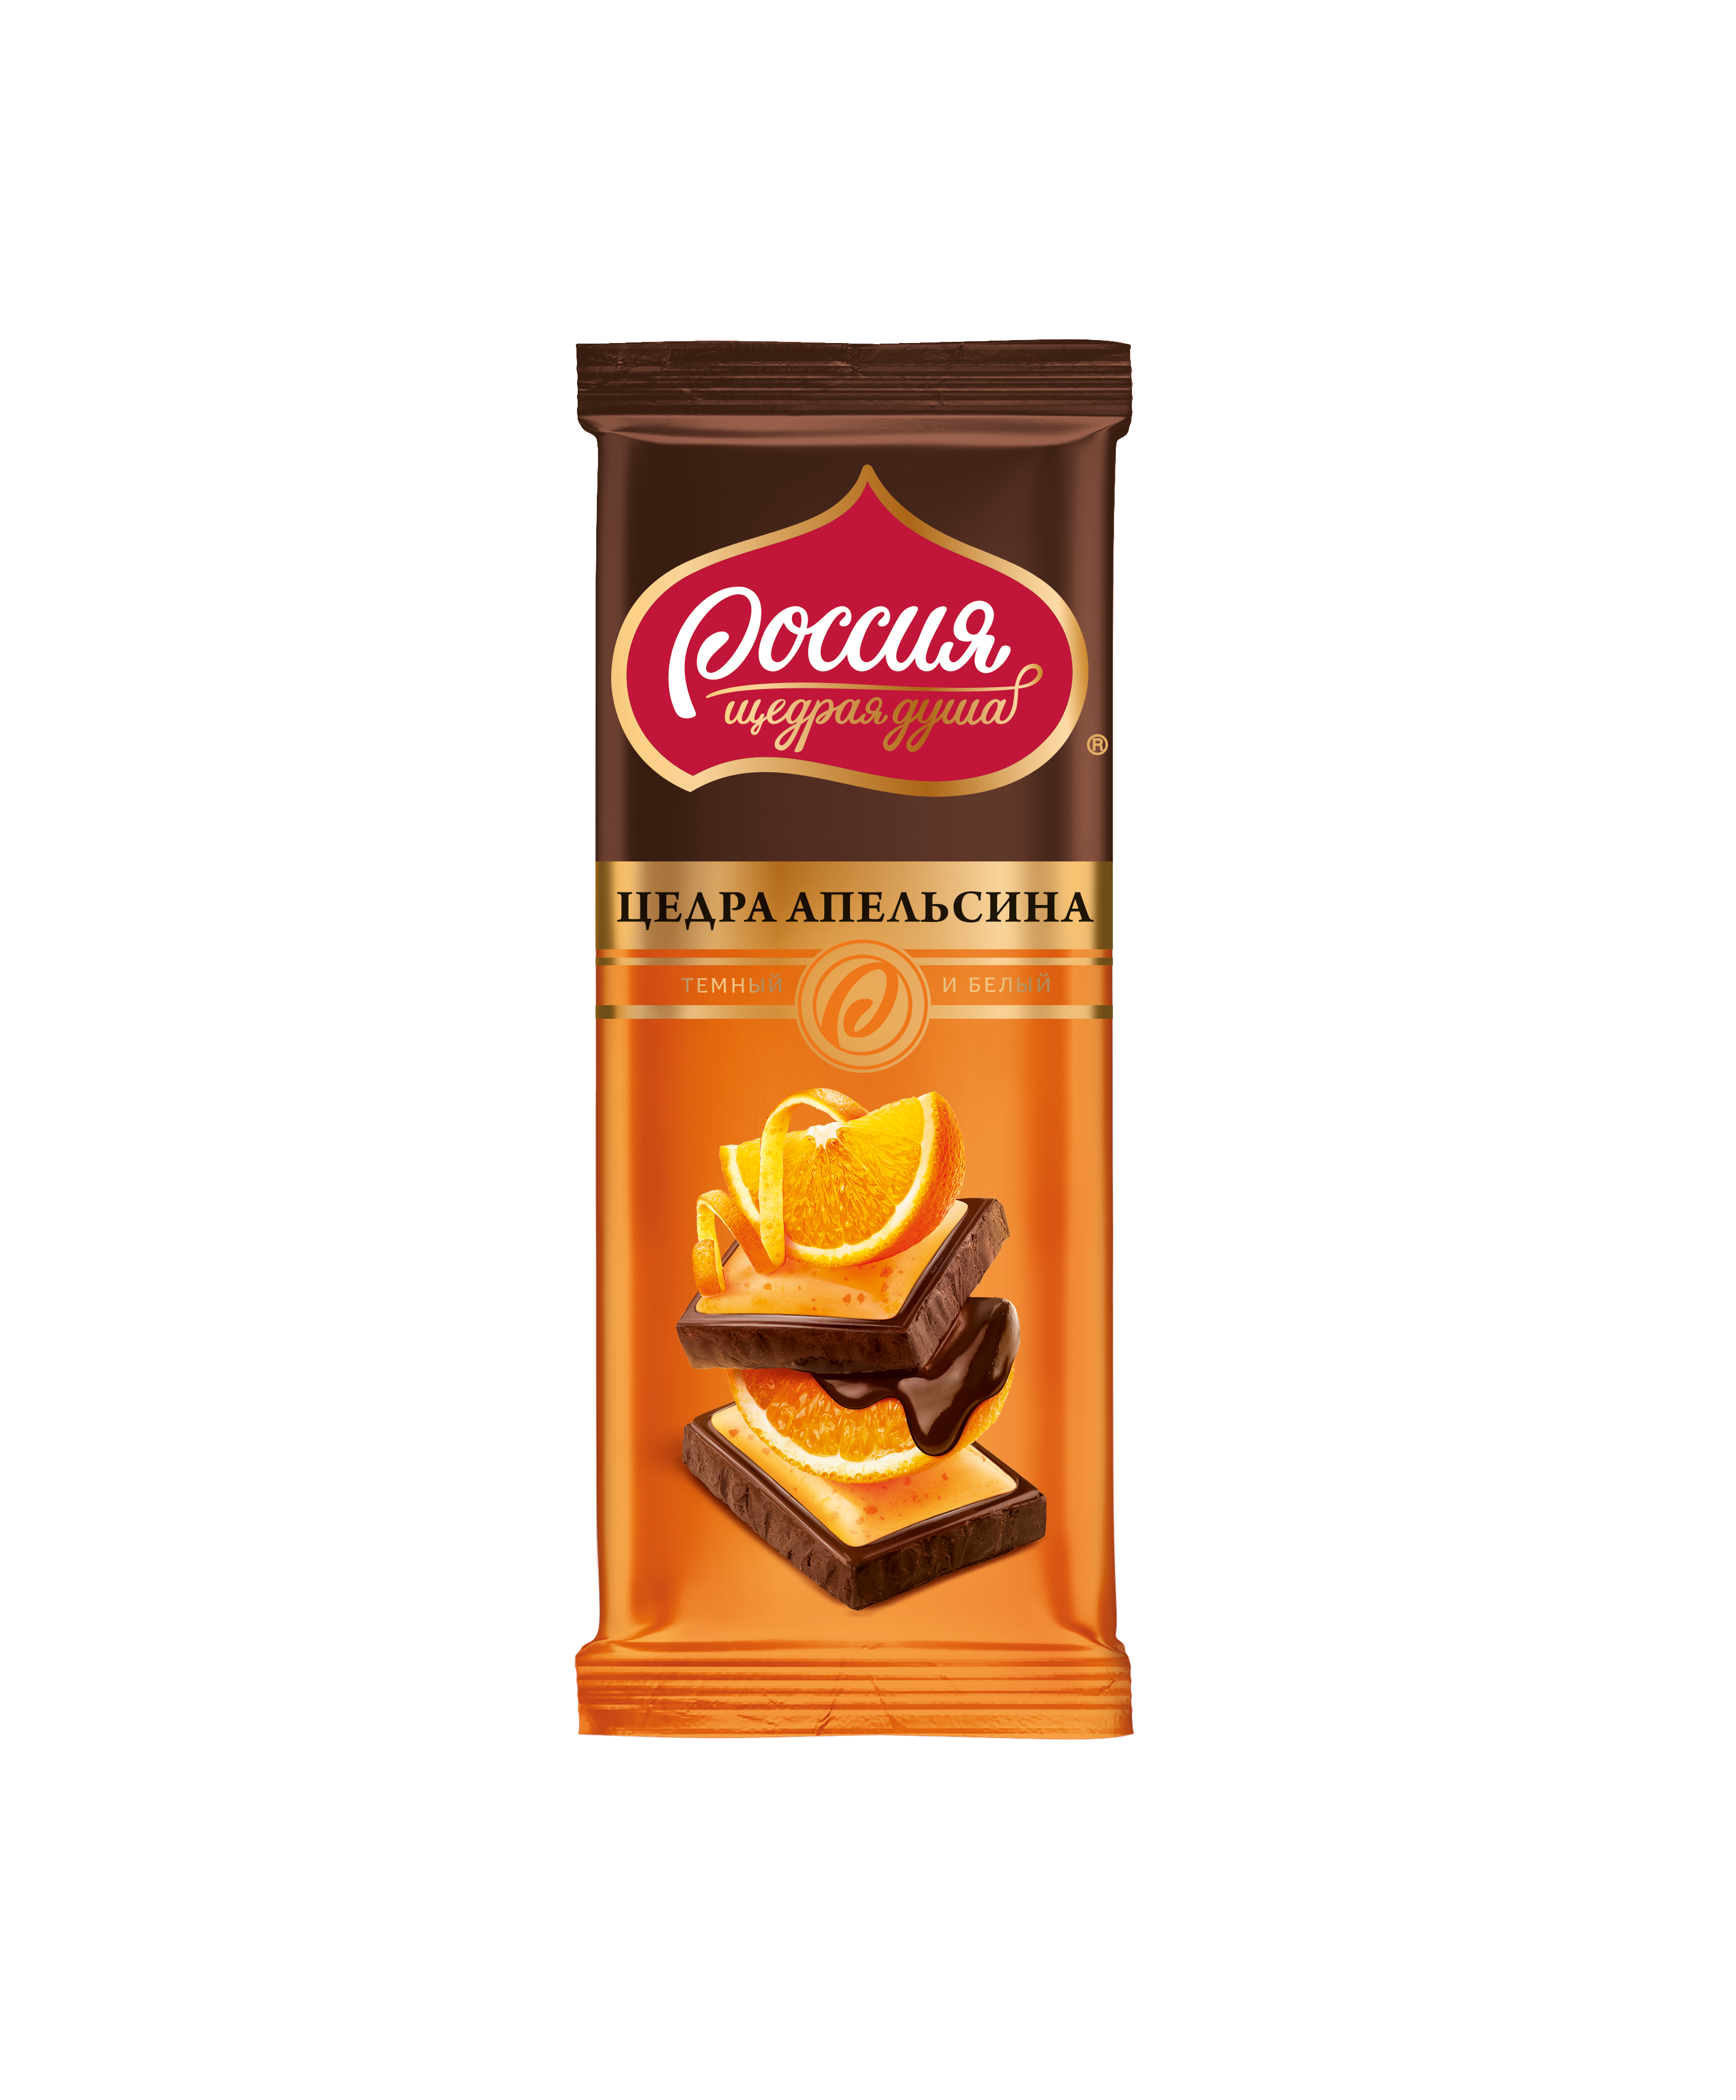 Шоколад темный и белый Россия щедрая душа с цедрой апельсина 85 г